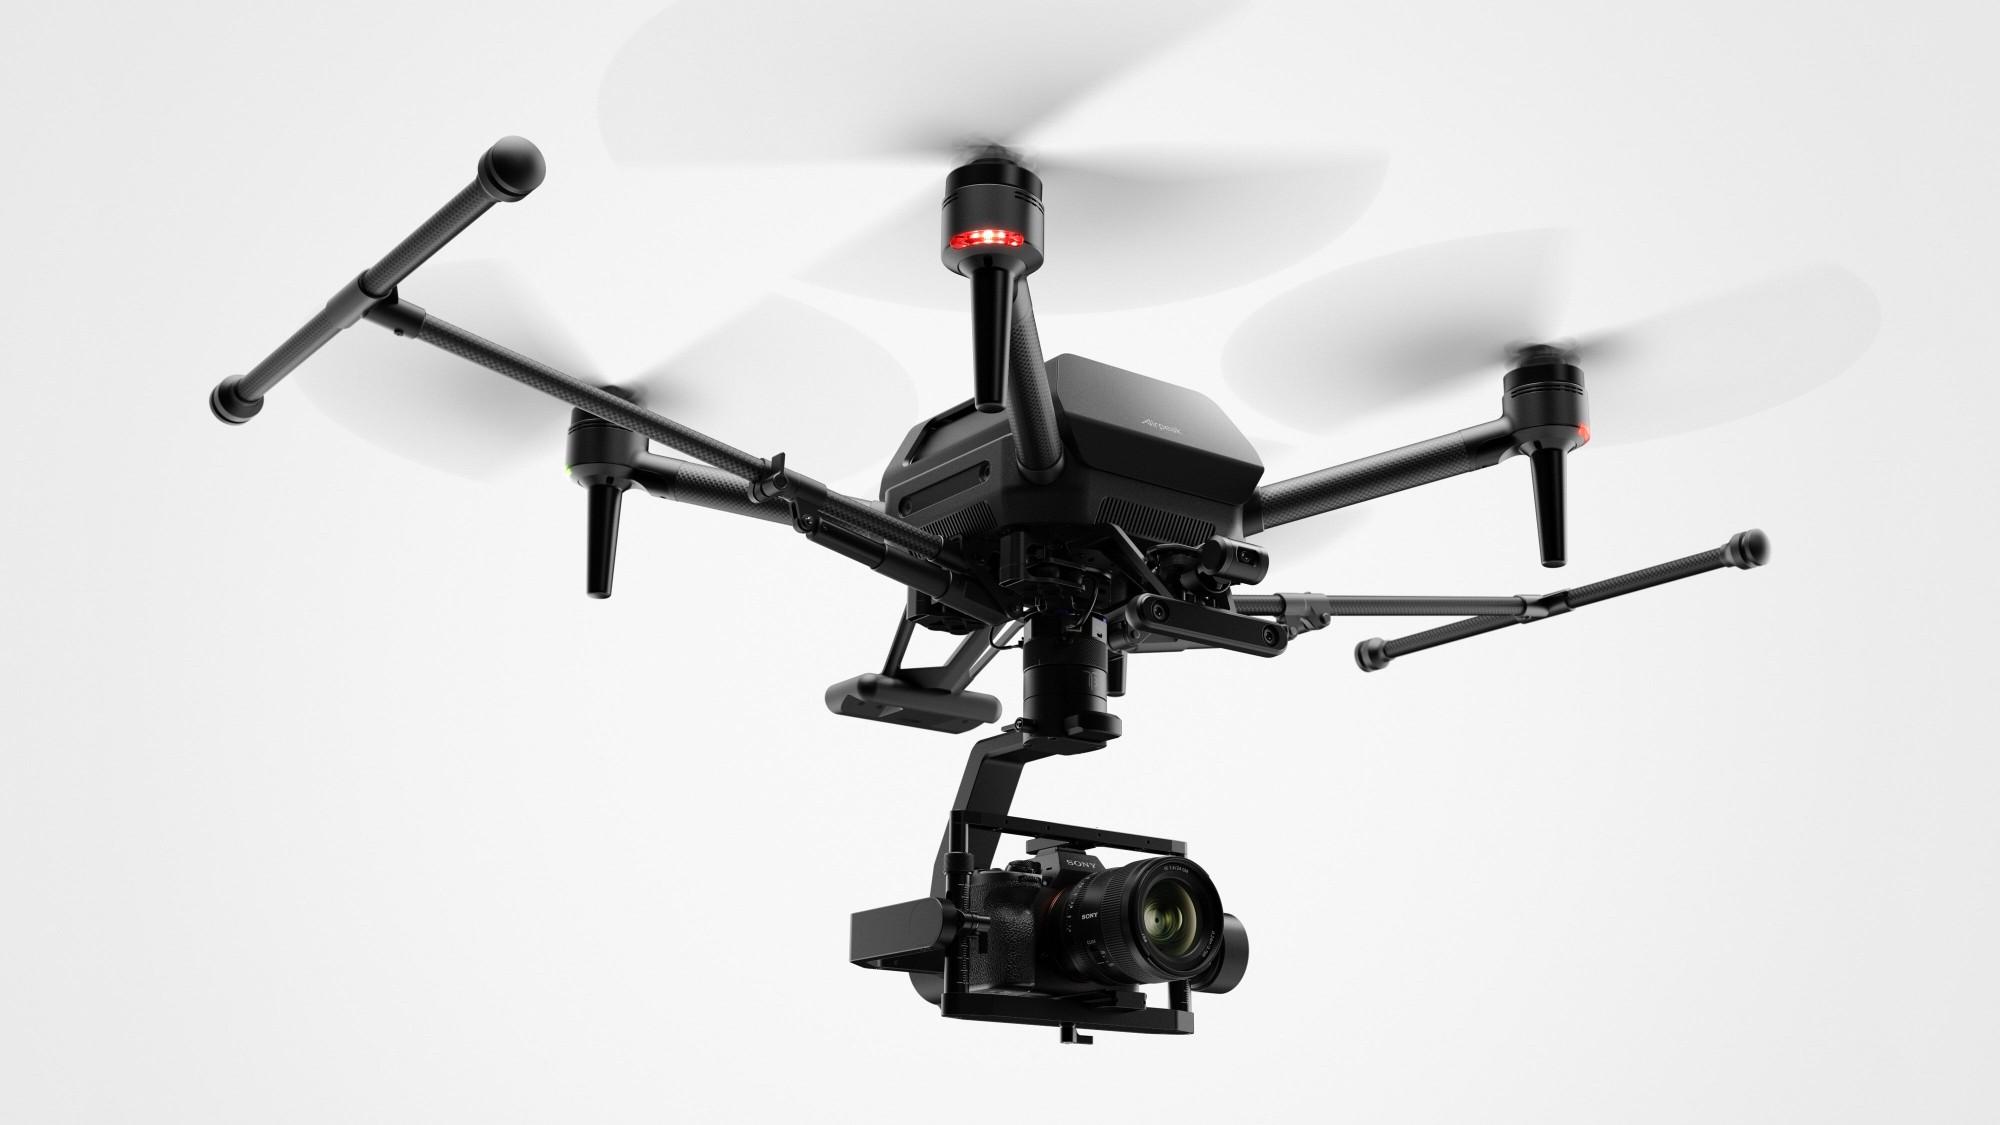 सोनीको पहिलो ड्रोन 'एयरपिक' अनावरण, सोनी अल्फा मिररलेस क्यामरा बोक्न सक्ने